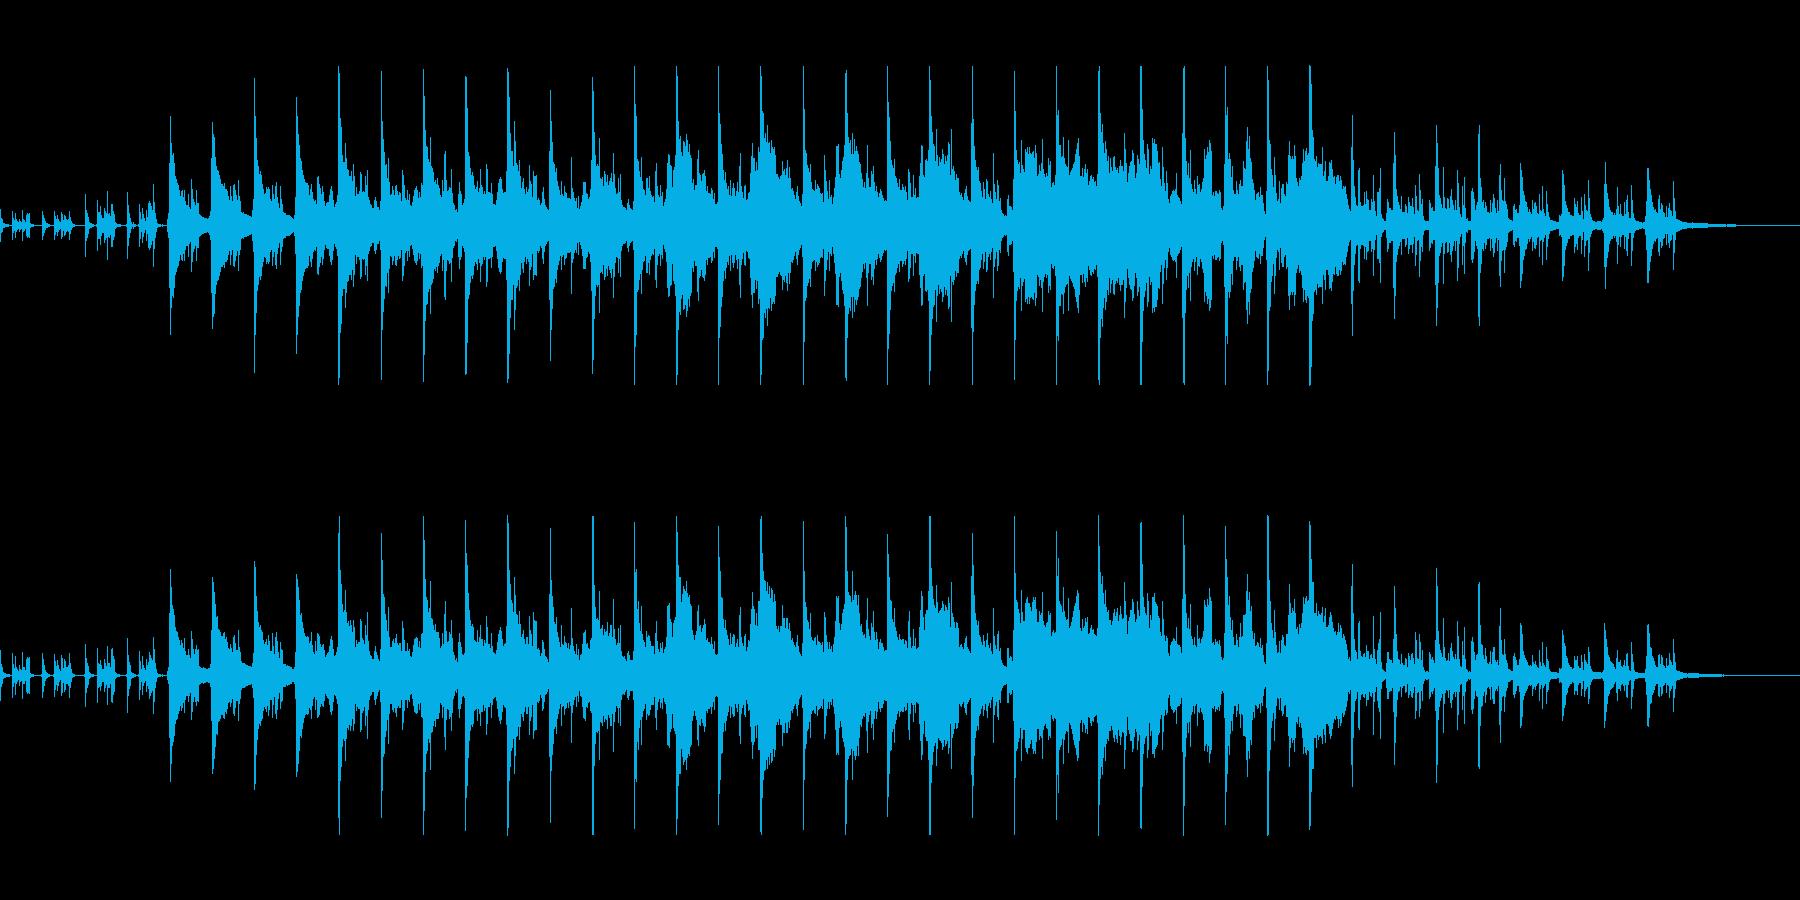 バイオリンのアコースティック・ポップスの再生済みの波形